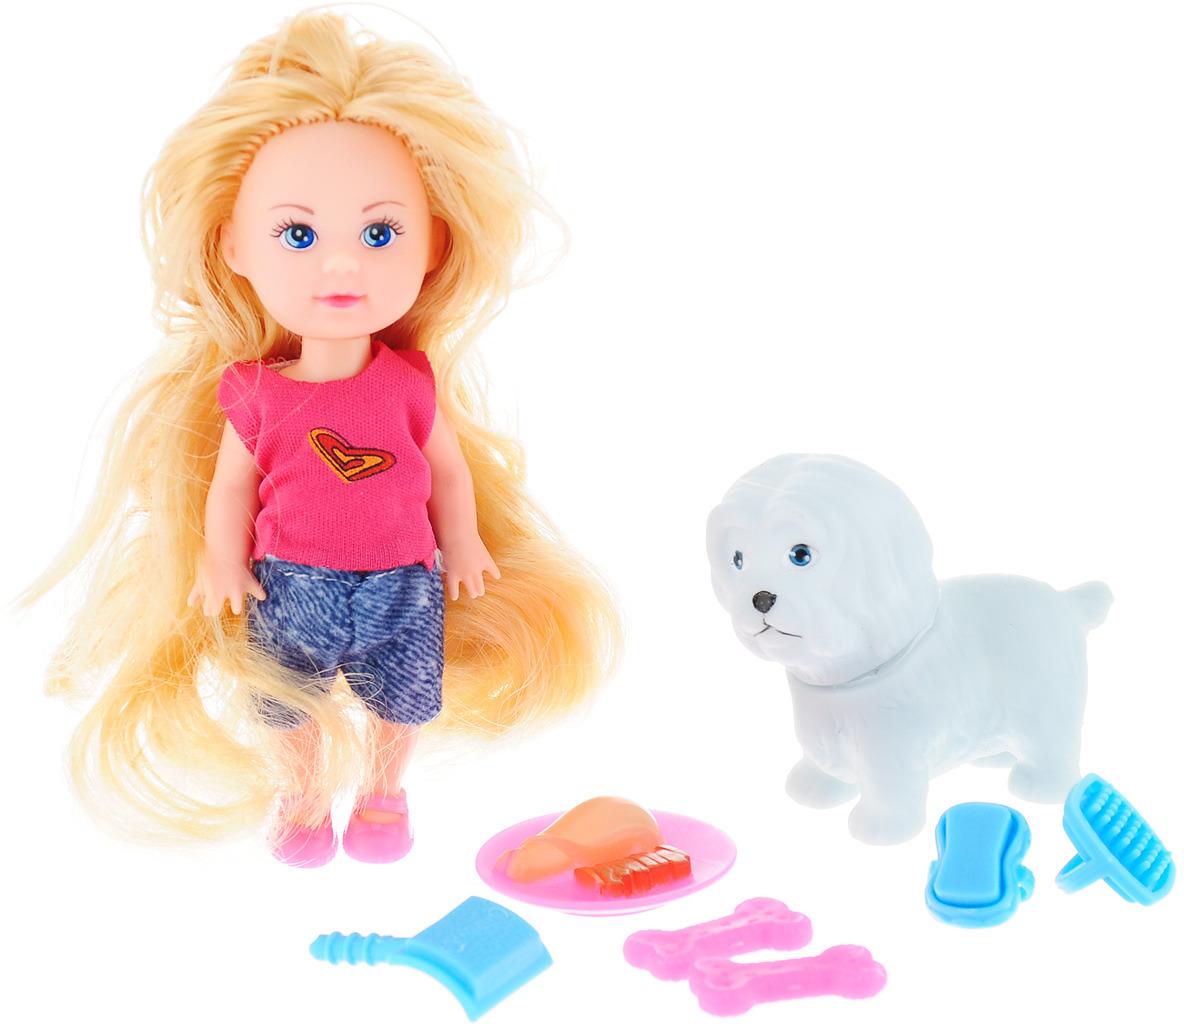 цены на Mary Poppins Мини-кукла Малютка Мэгги Хозяюшка с собакой  в интернет-магазинах